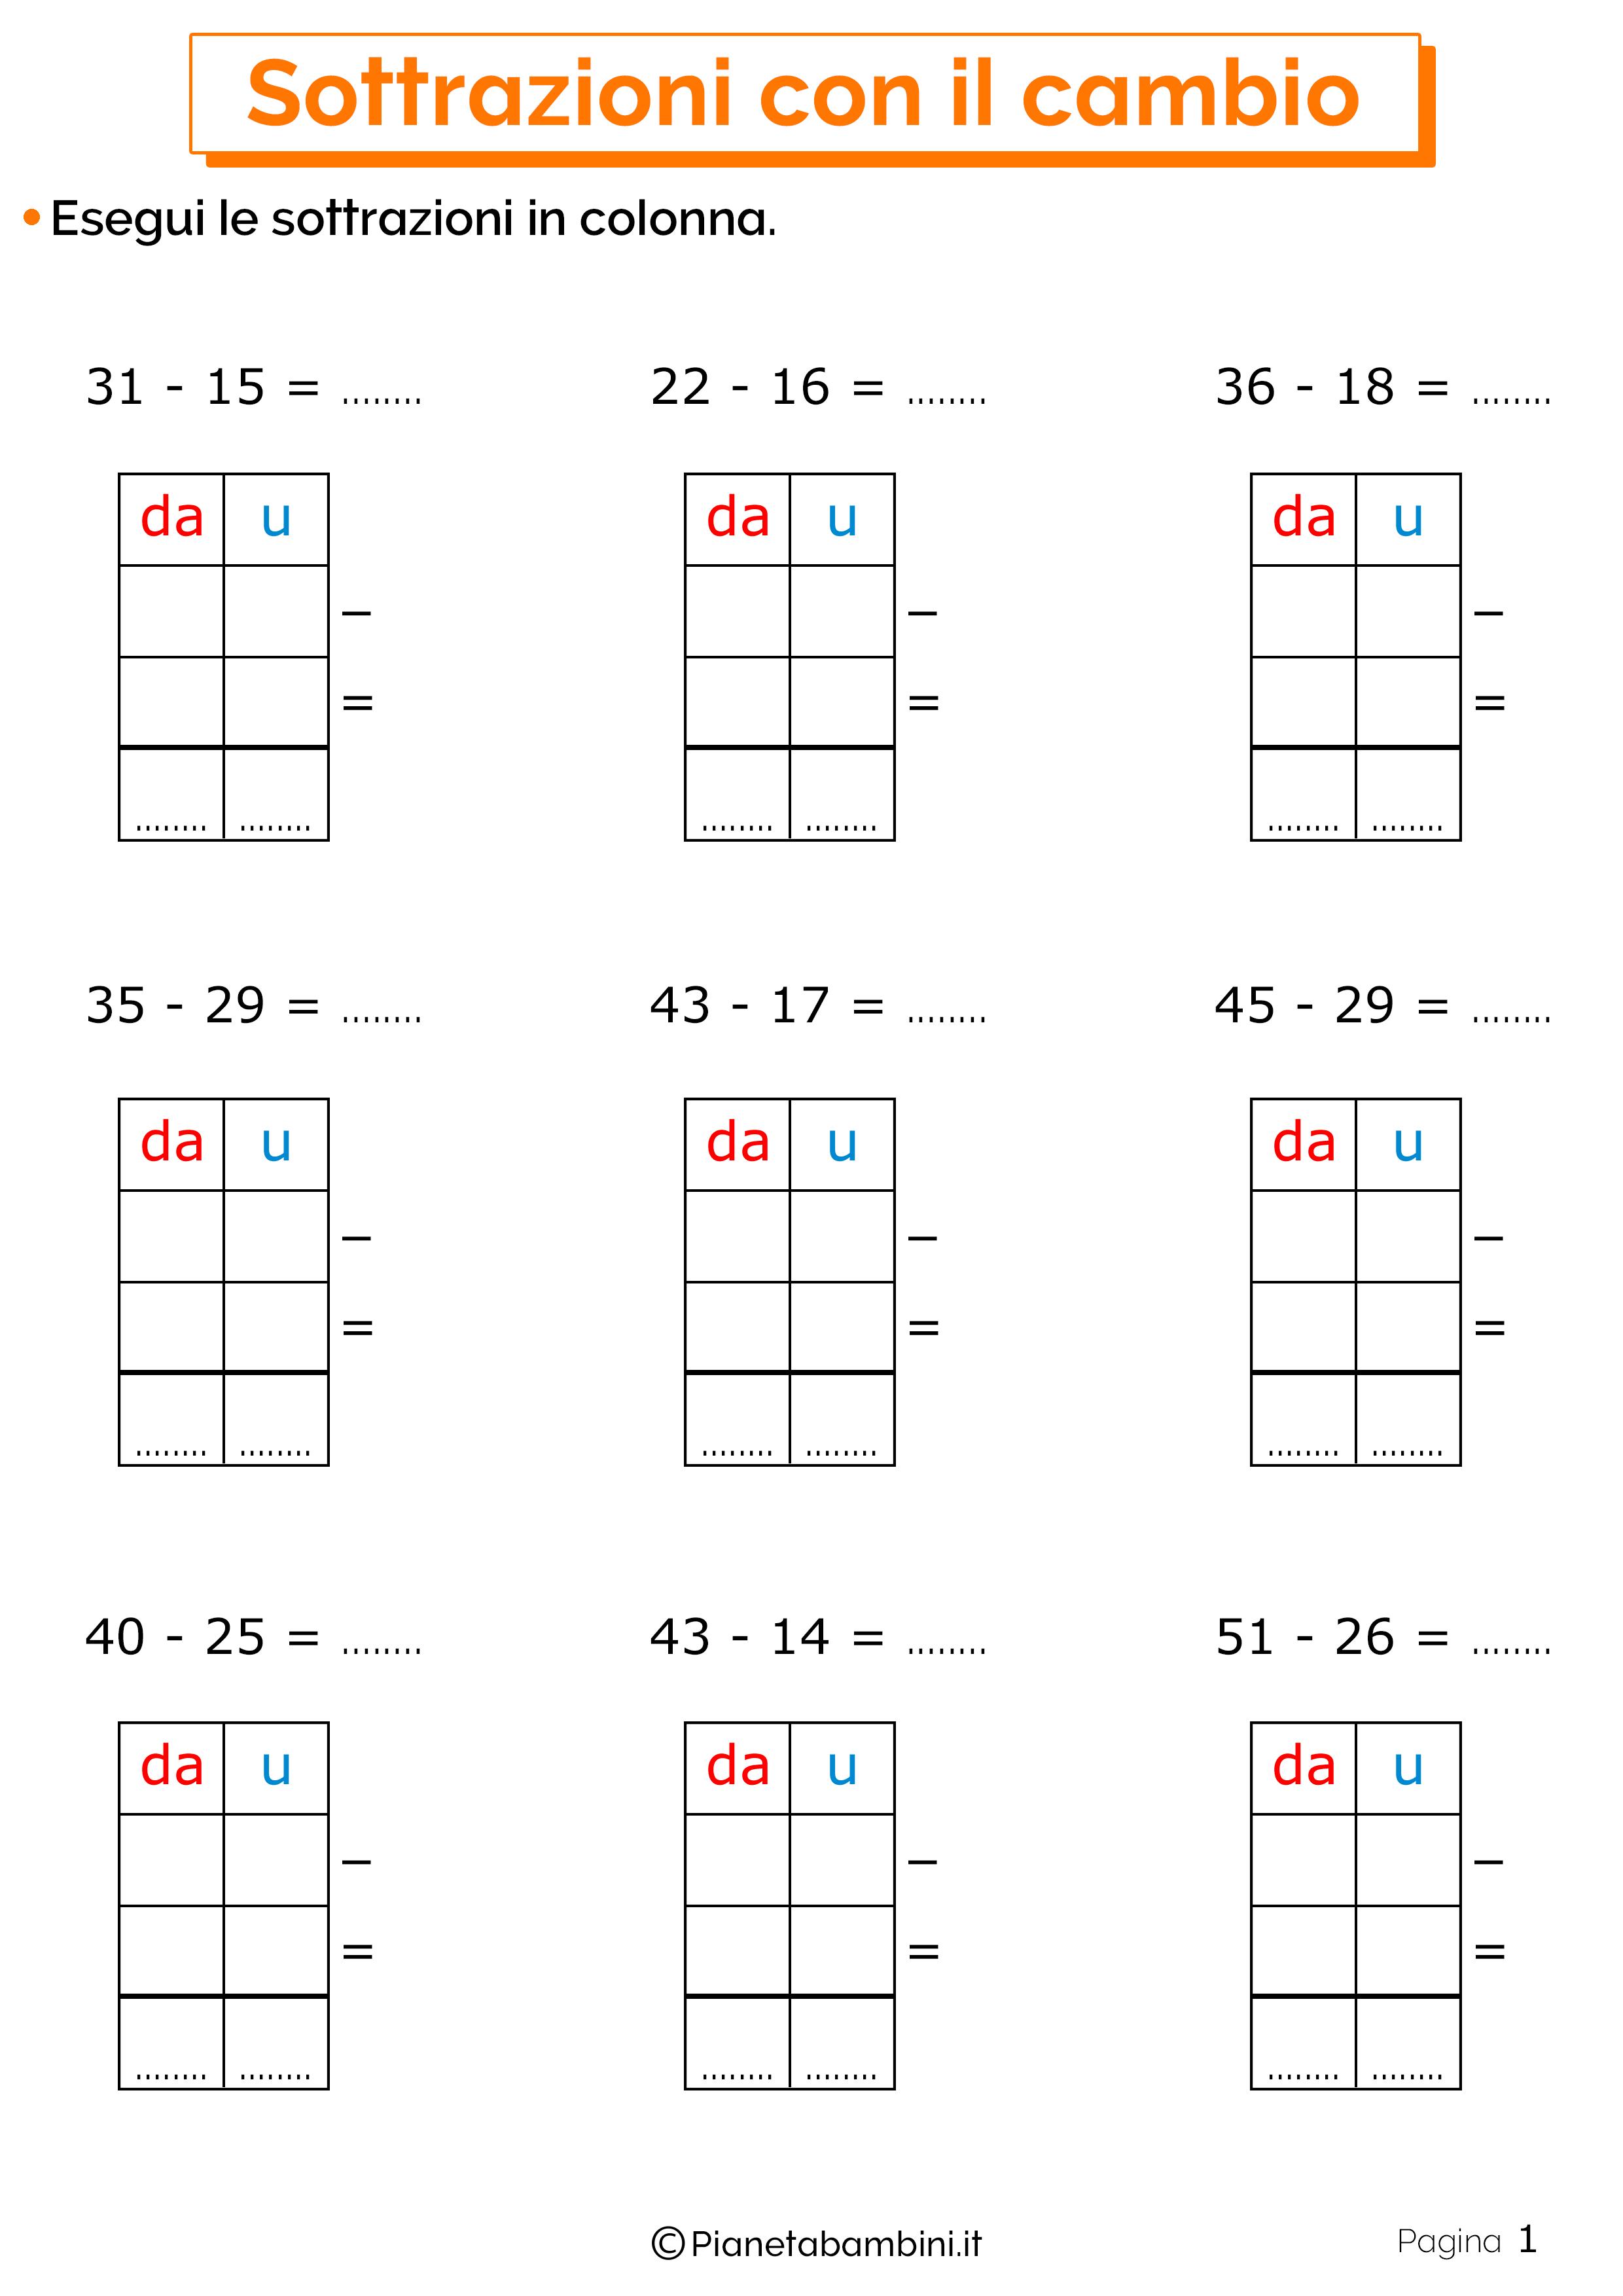 Schede didattiche sulle sottrazioni con cambio 1